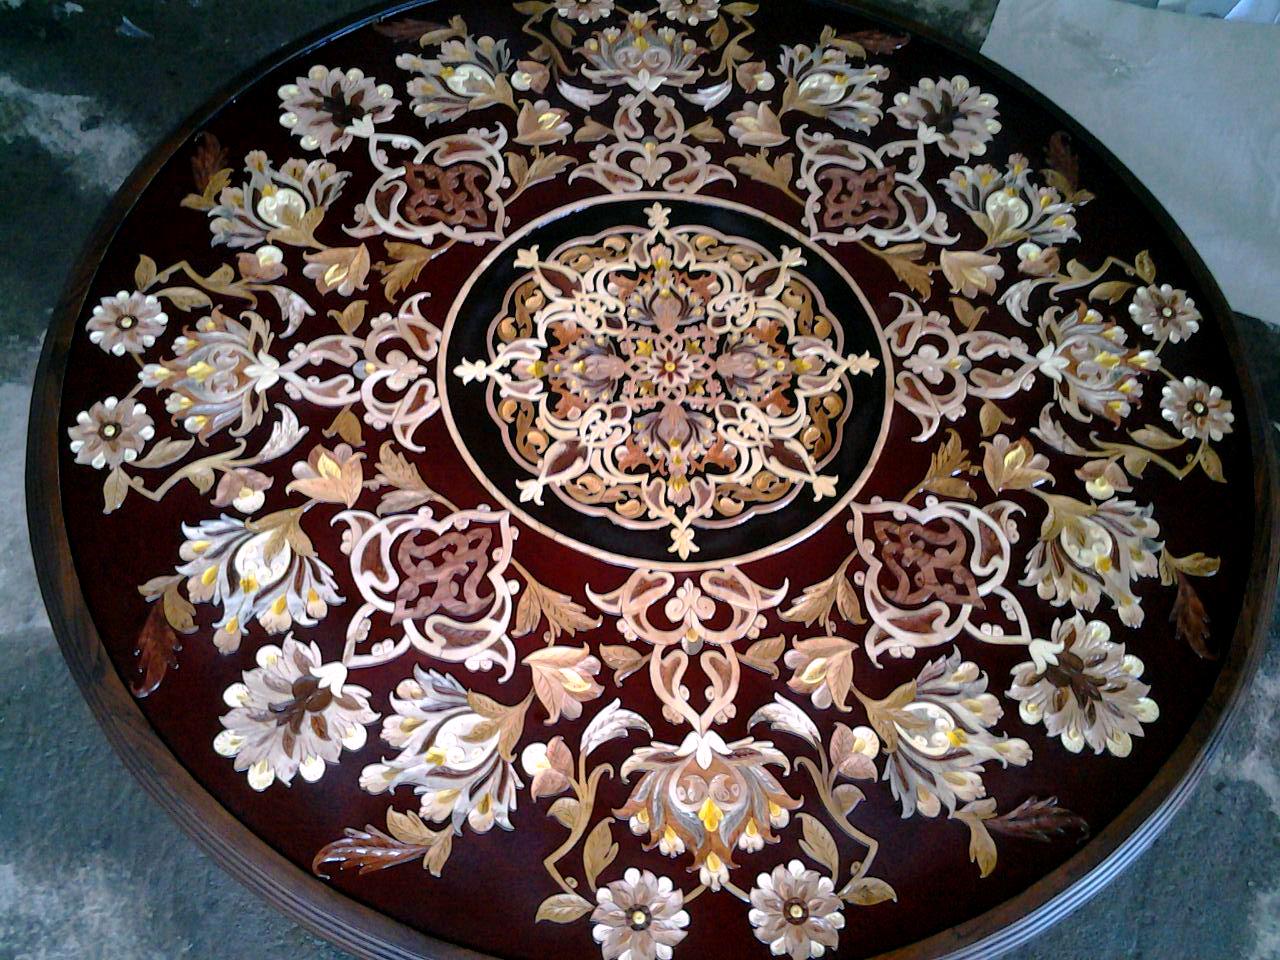 فروشگاه صنایع دستی هزاردستان  معرق  منبت ققنوس